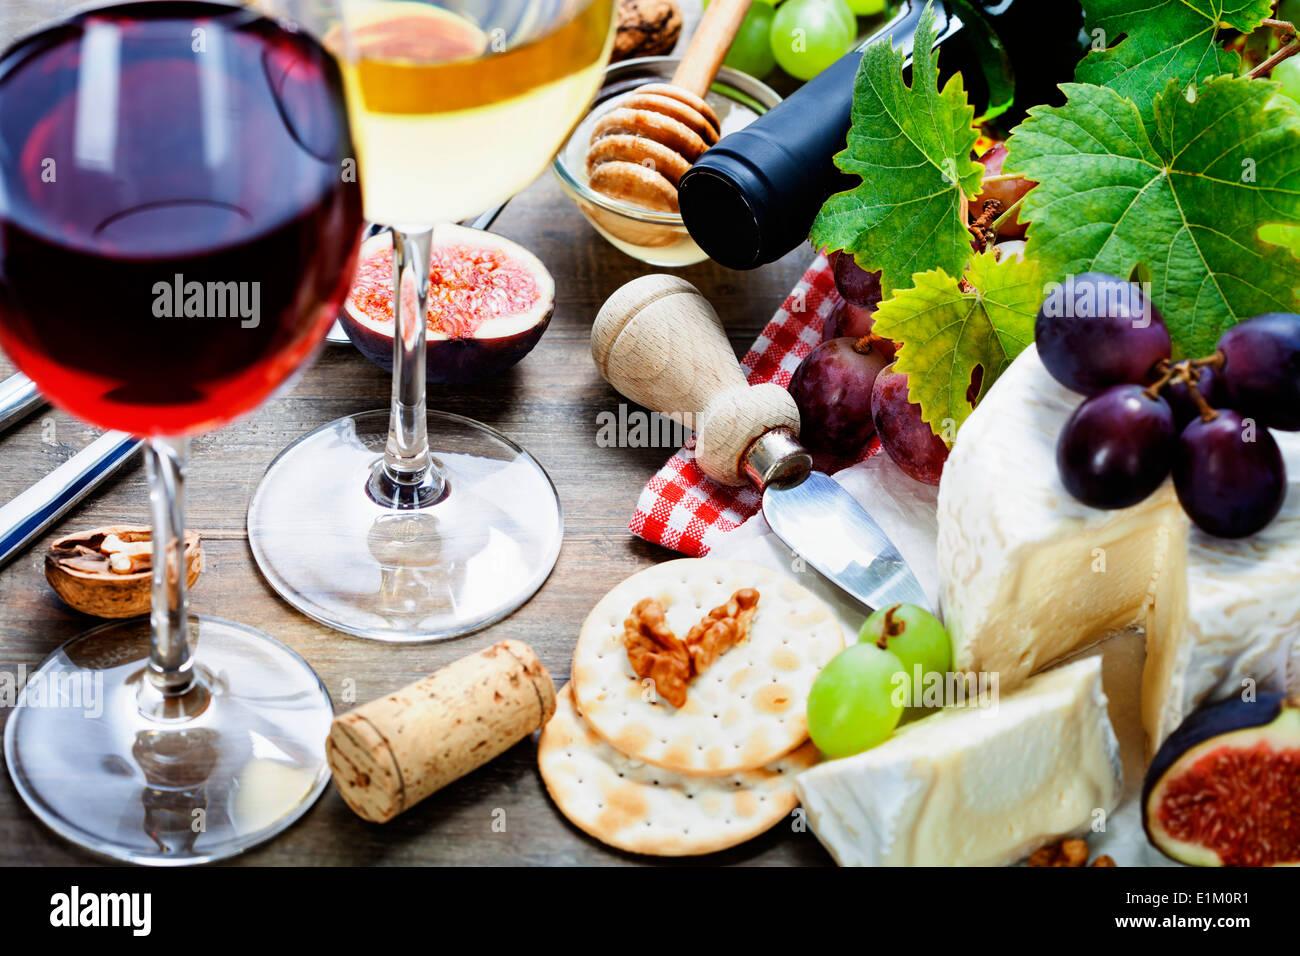 Wein, Trauben und Käse auf hölzernen Hintergrund Stockbild